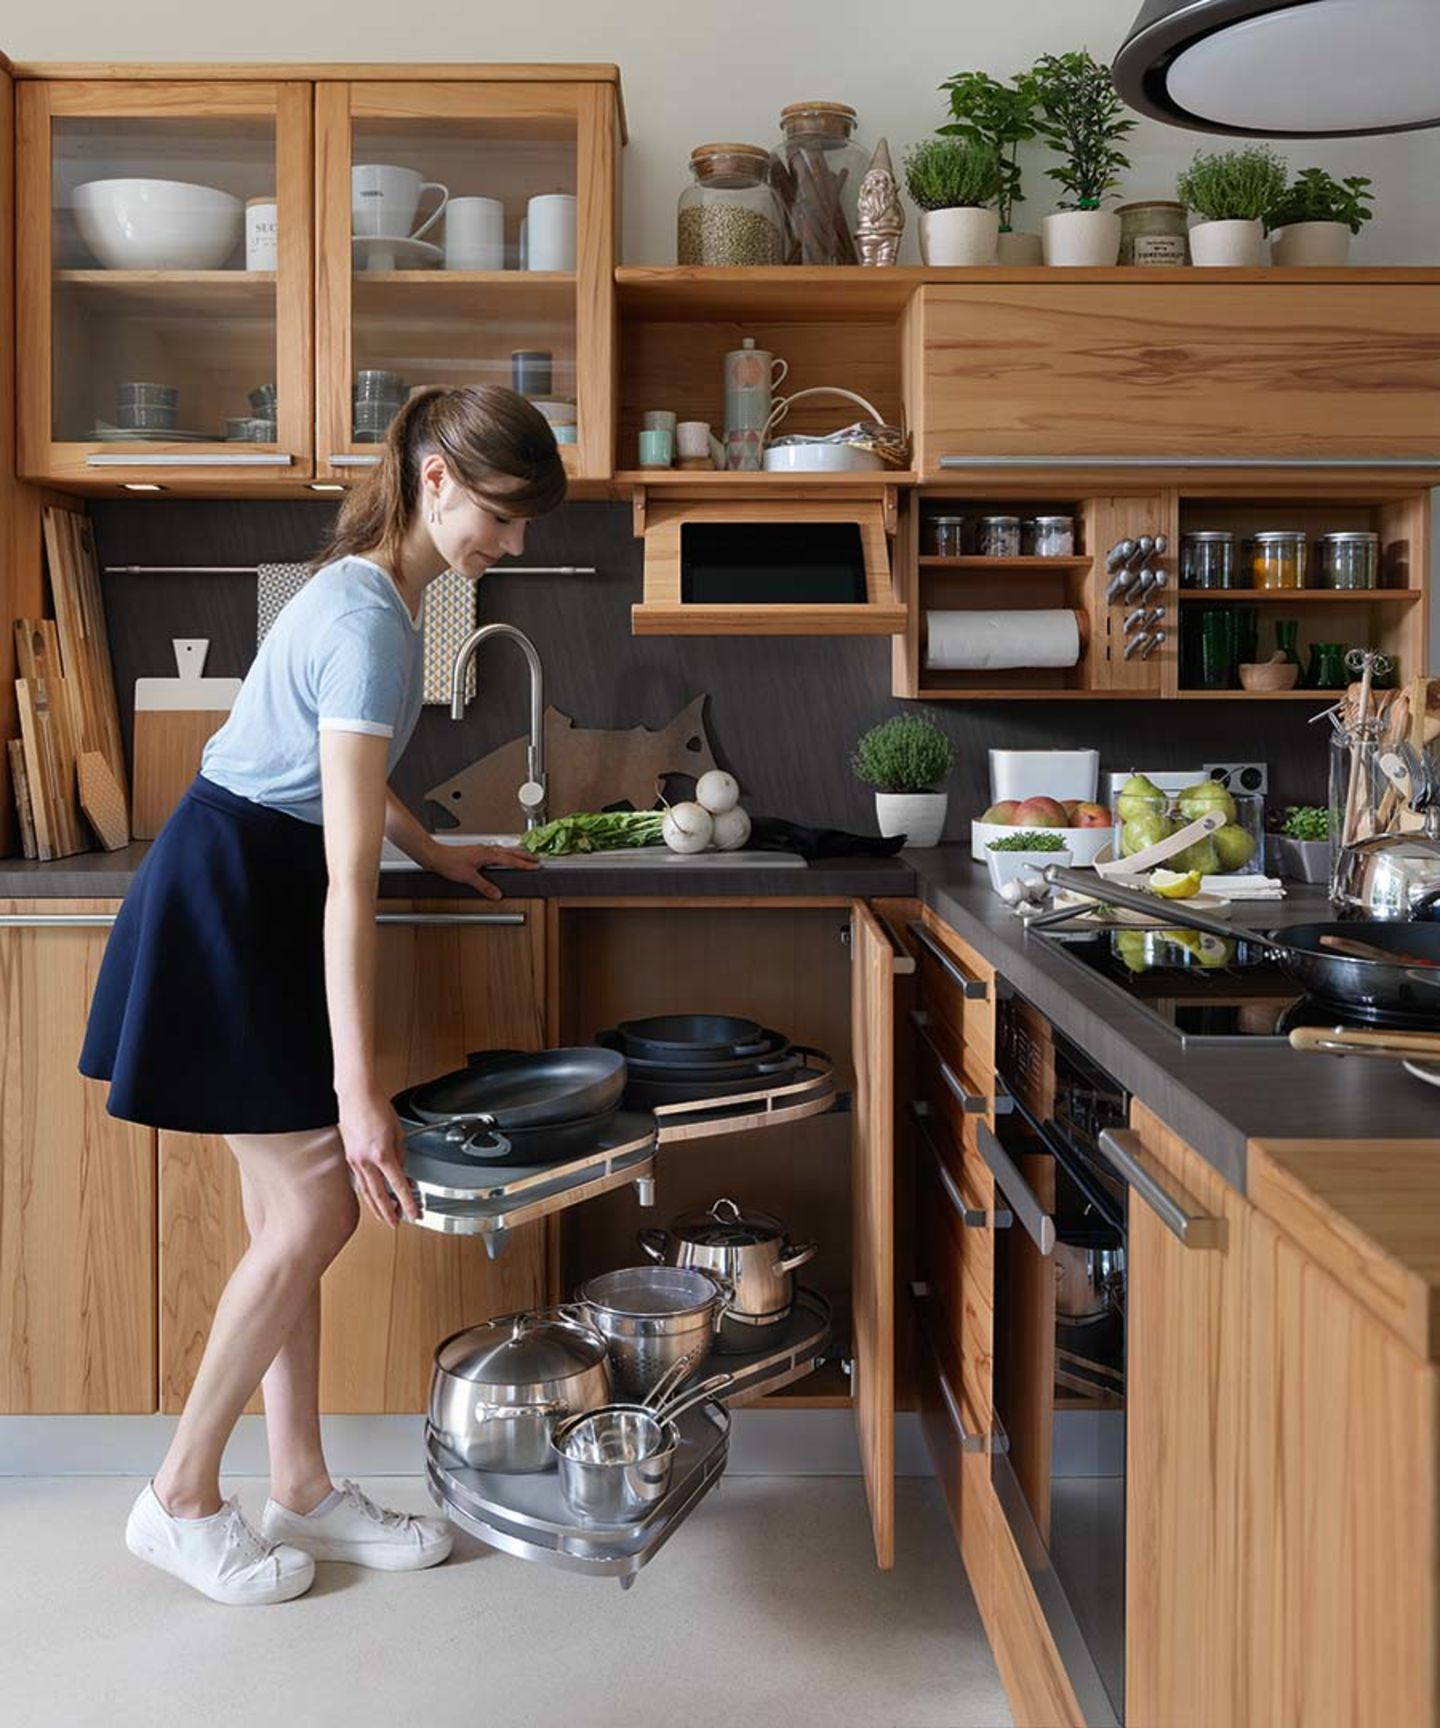 Full Size of Küche Eckschrank Einbauküche Nobilia Bad Schlafzimmer Wohnzimmer Nobilia Eckschrank